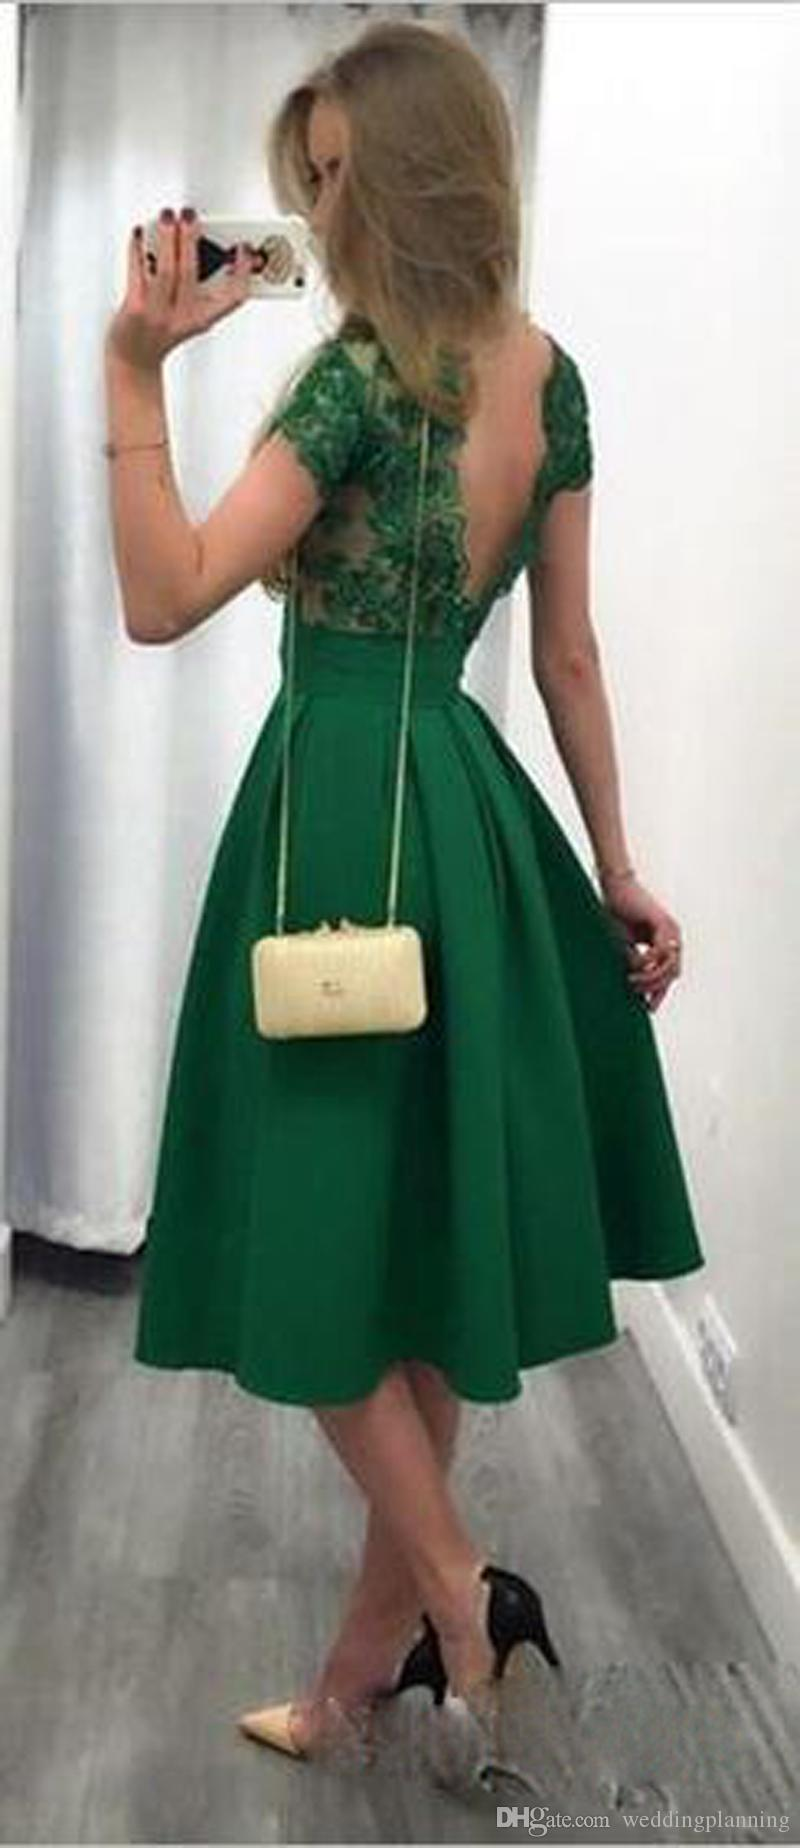 Compre 2017 Barato Jade Verde Corto Vestidos De Cóctel Encaje Apliques Cap Mangas Vestidos De Fiesta Sin Respaldo Plisados Satén Longitud De La